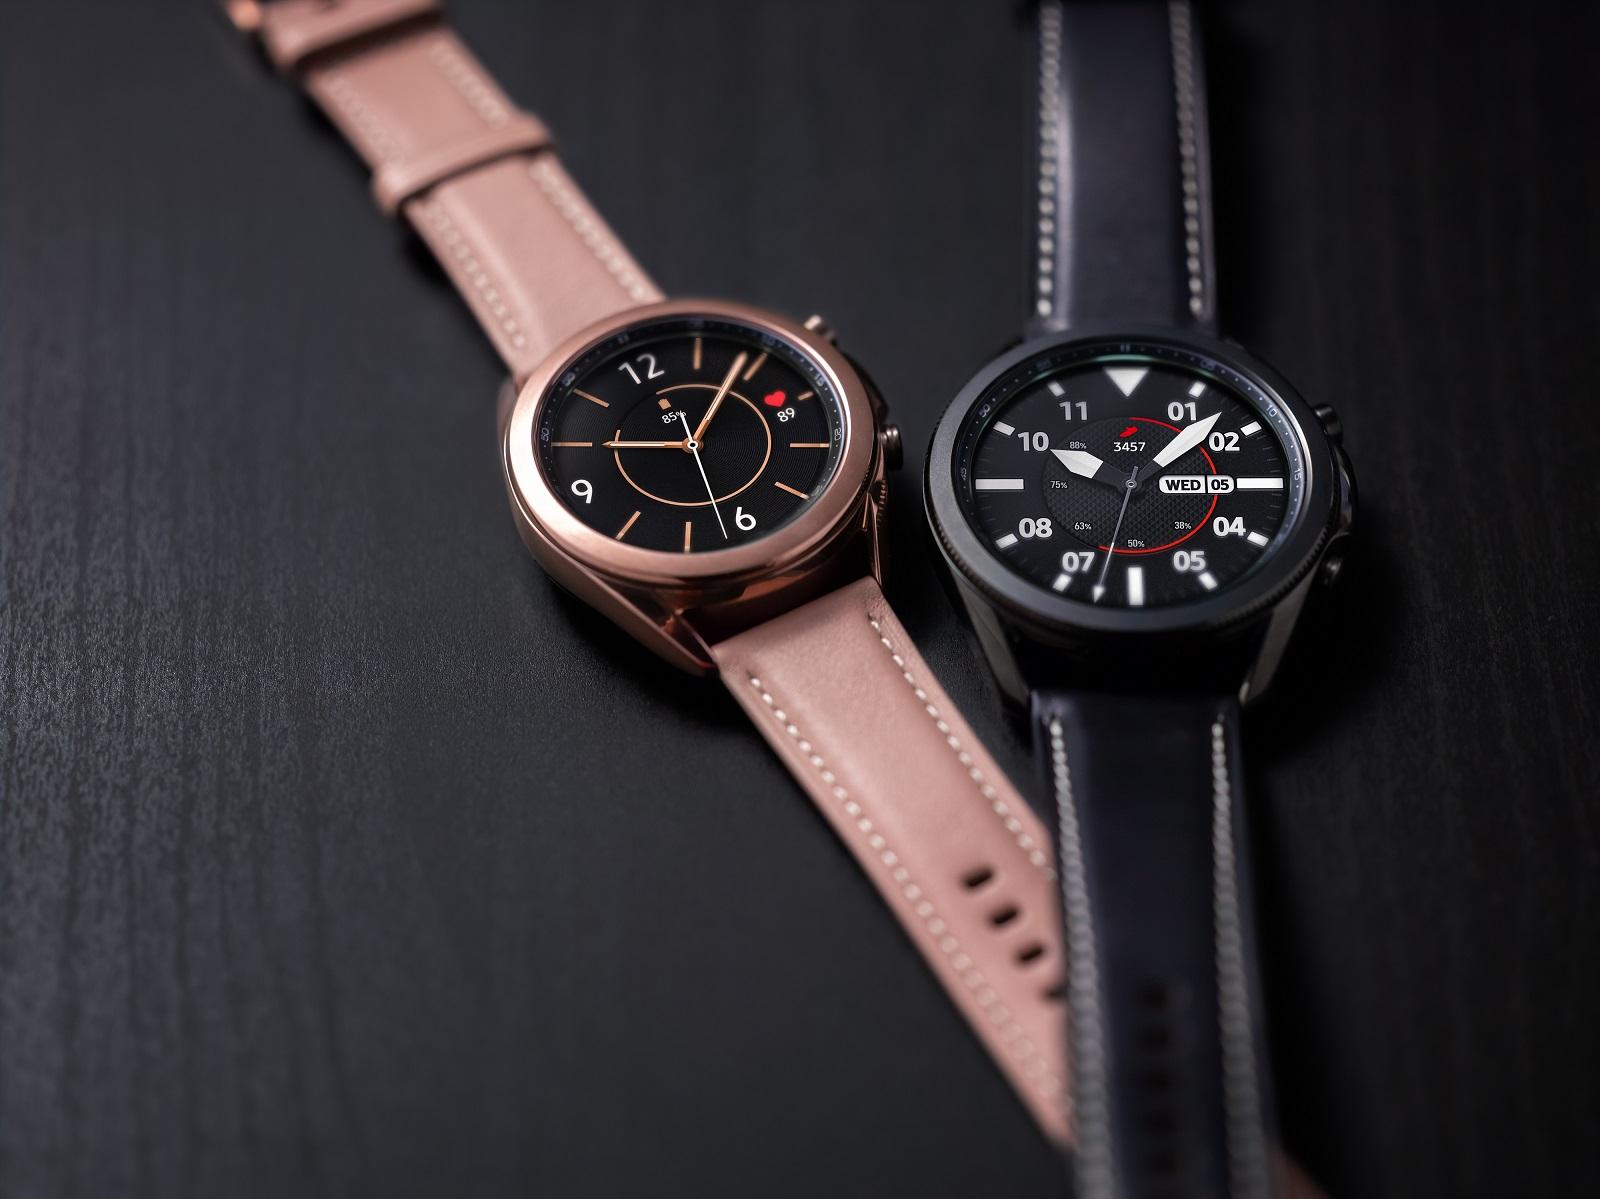 El Galaxy Watch3 y los Galaxy Buds Live han sido presentados